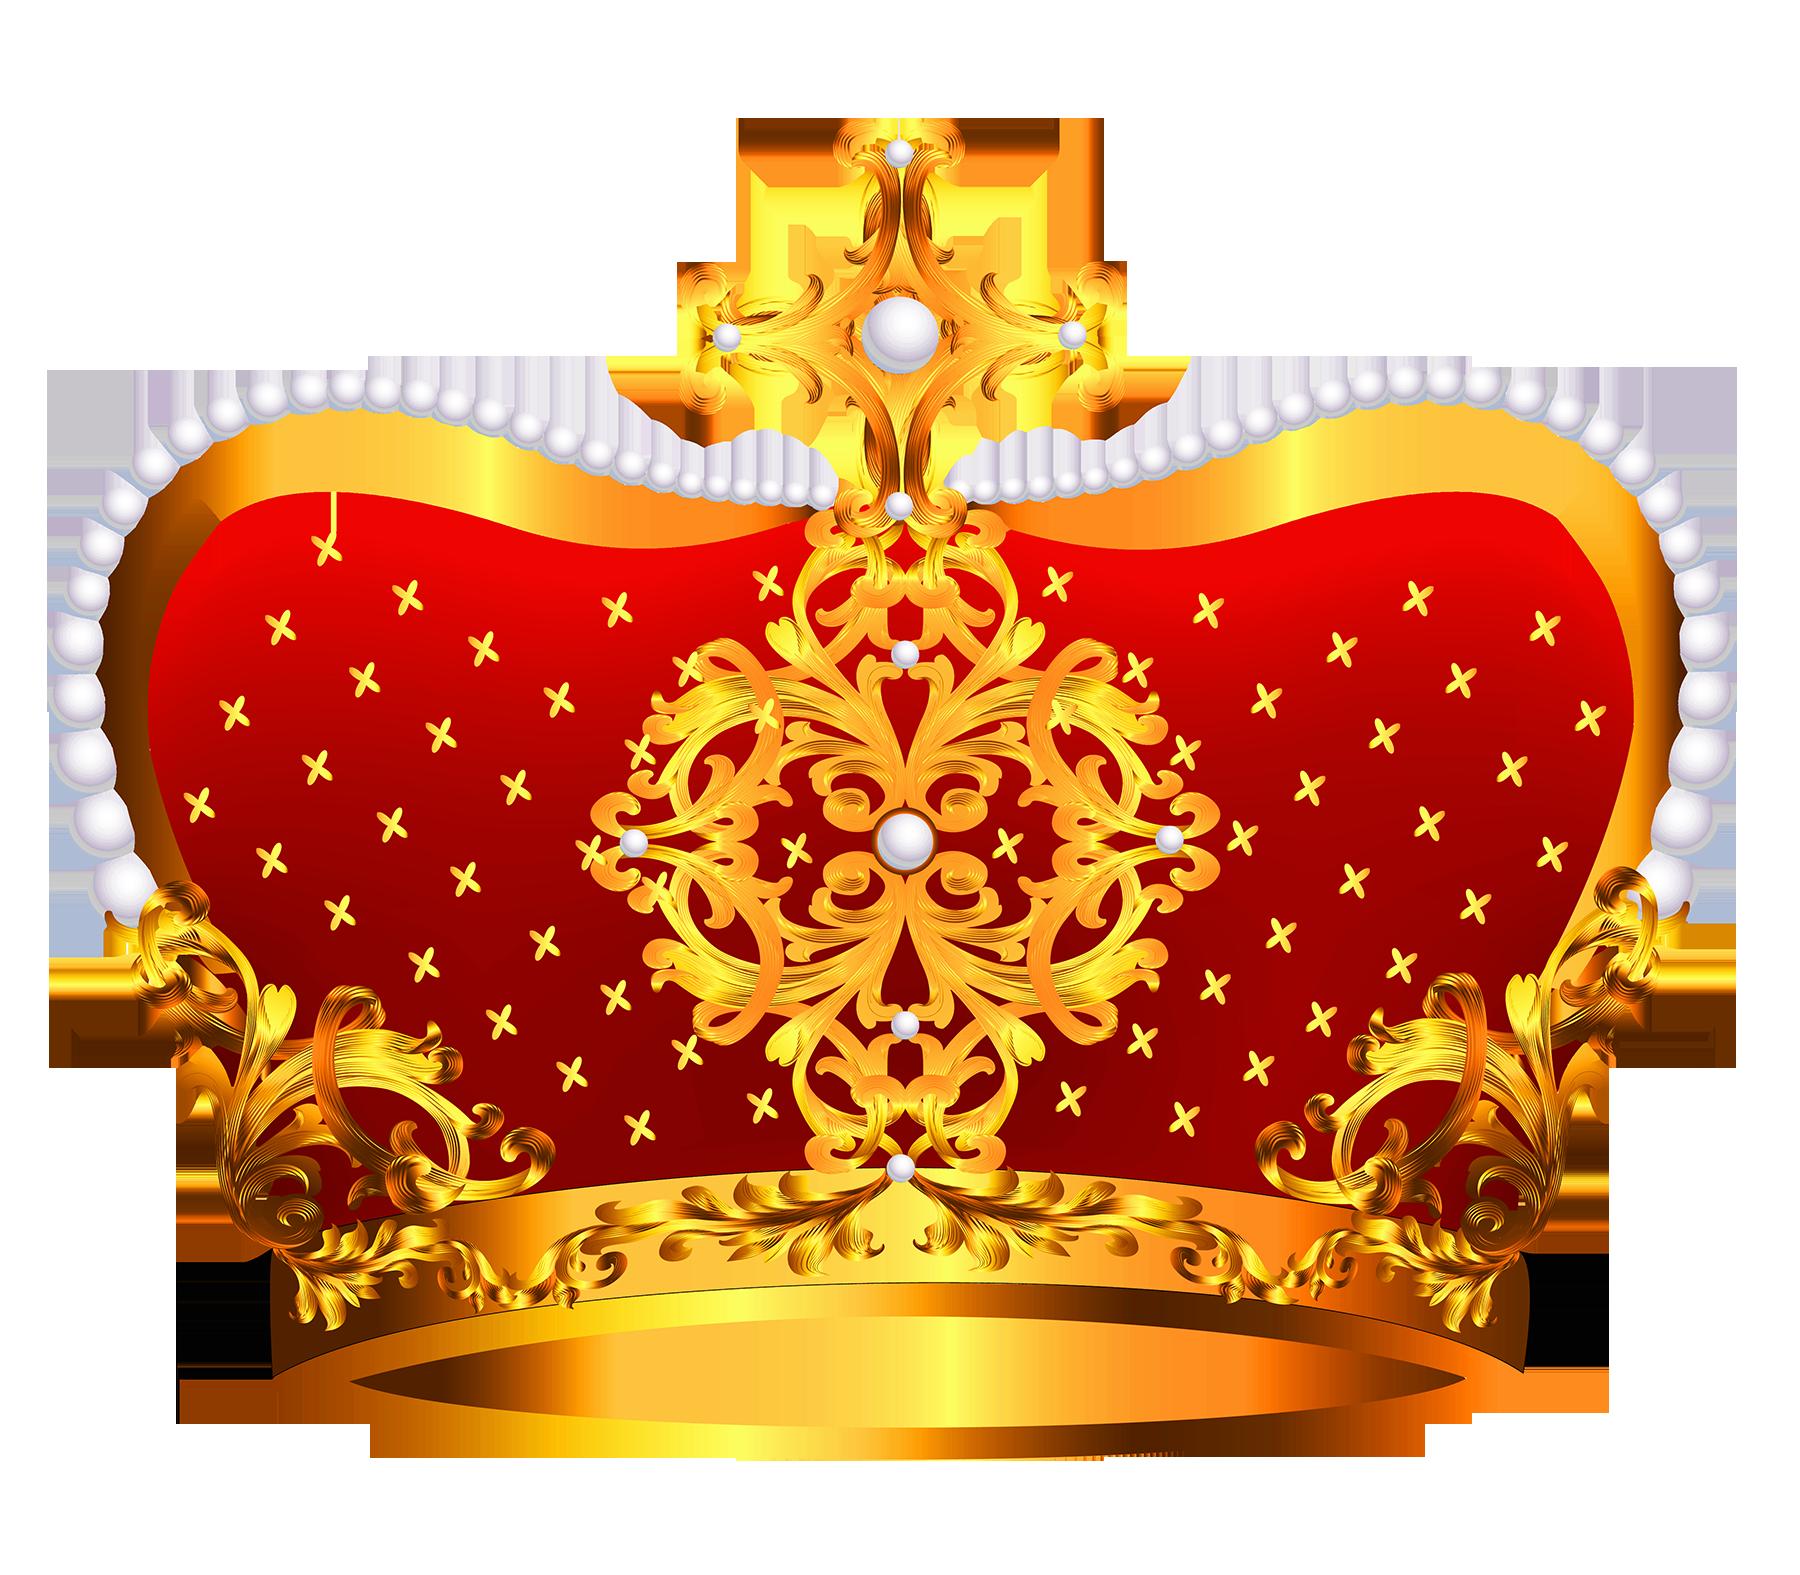 coroa dourada 09 imagens png Crown Tiara House Clip Art Black and White Crown Tiara House Clip Art Black and White